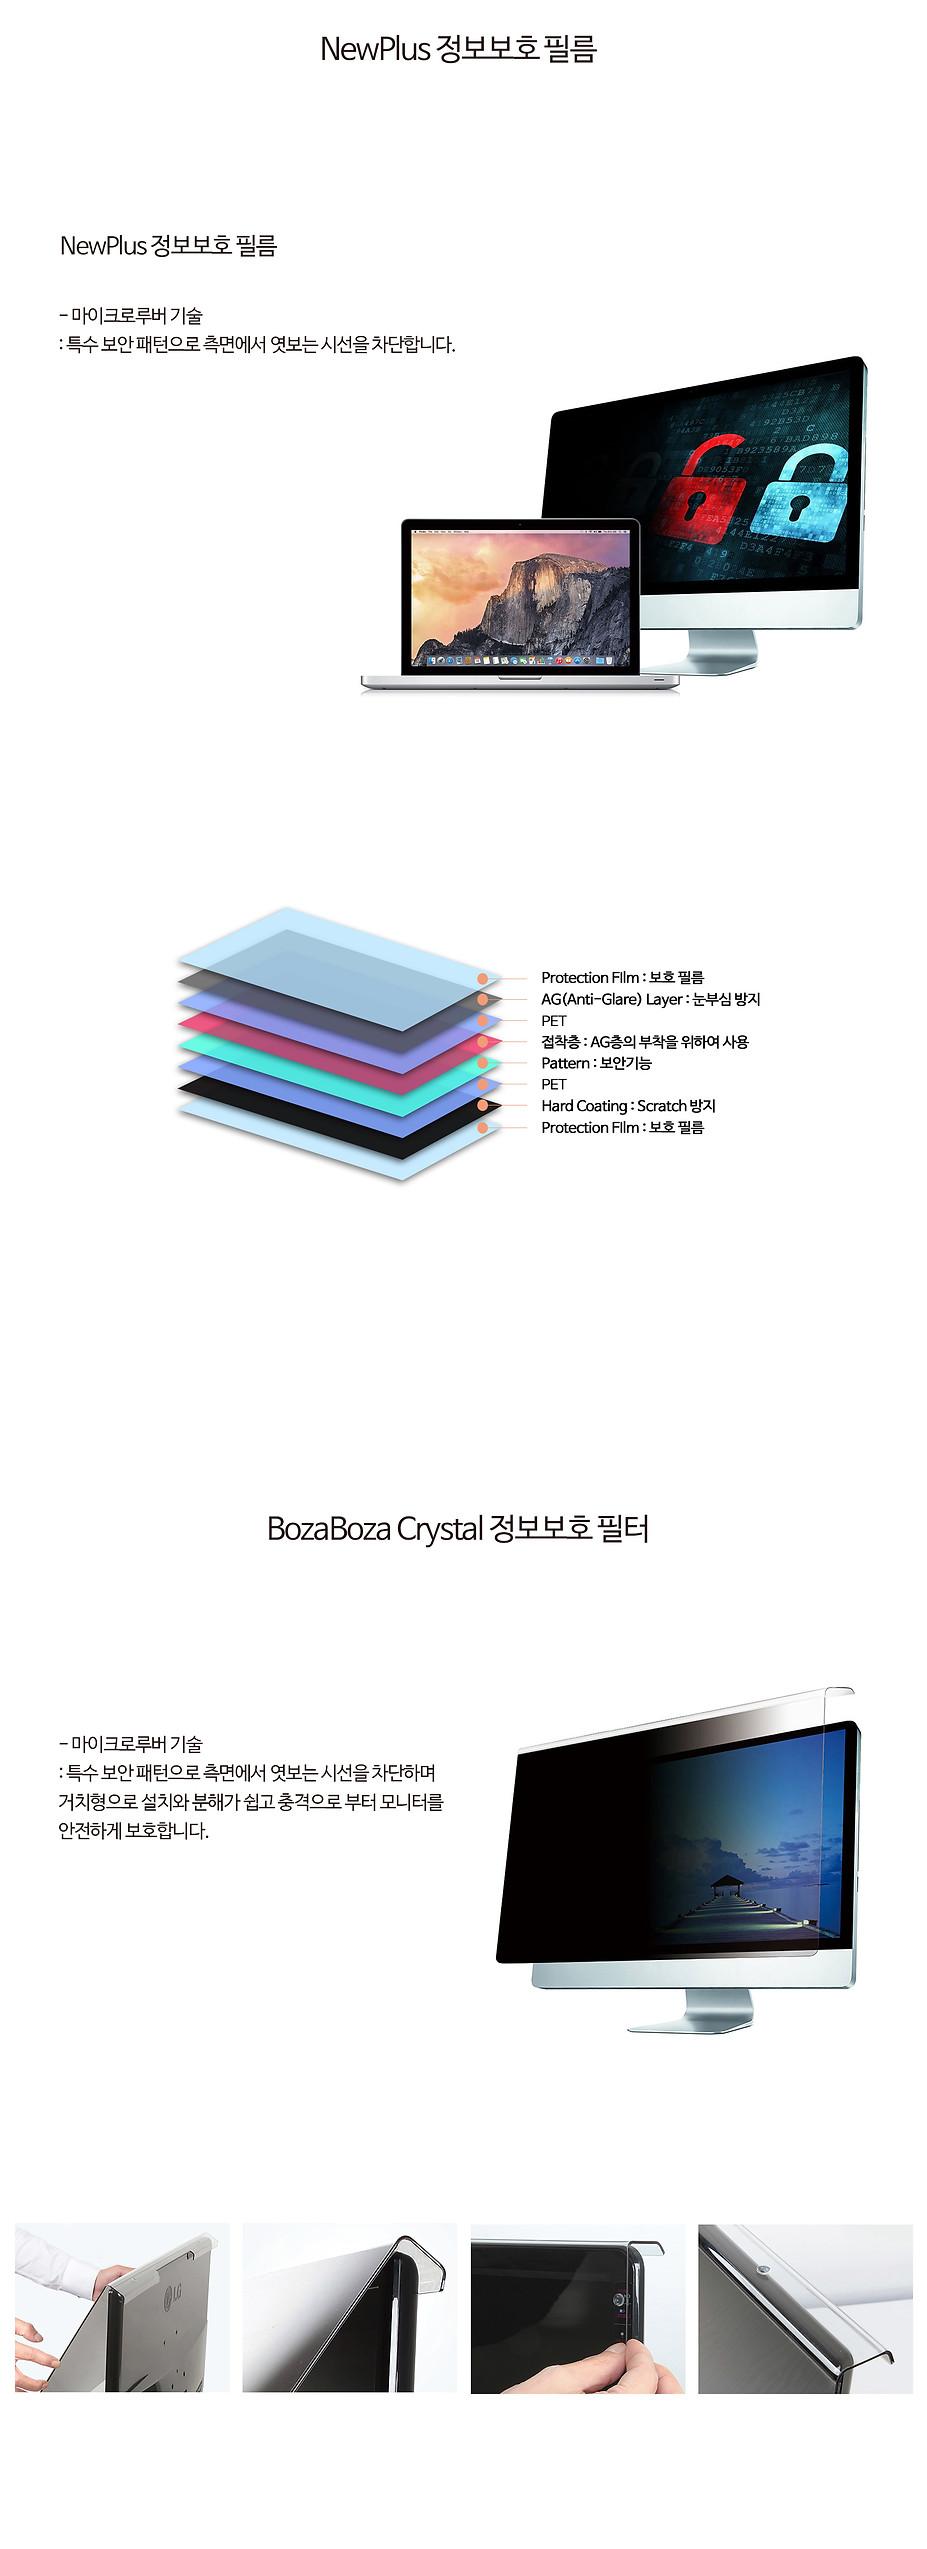 01_-seu-jeong-bo-bo-ho-pil-reum-pil15366